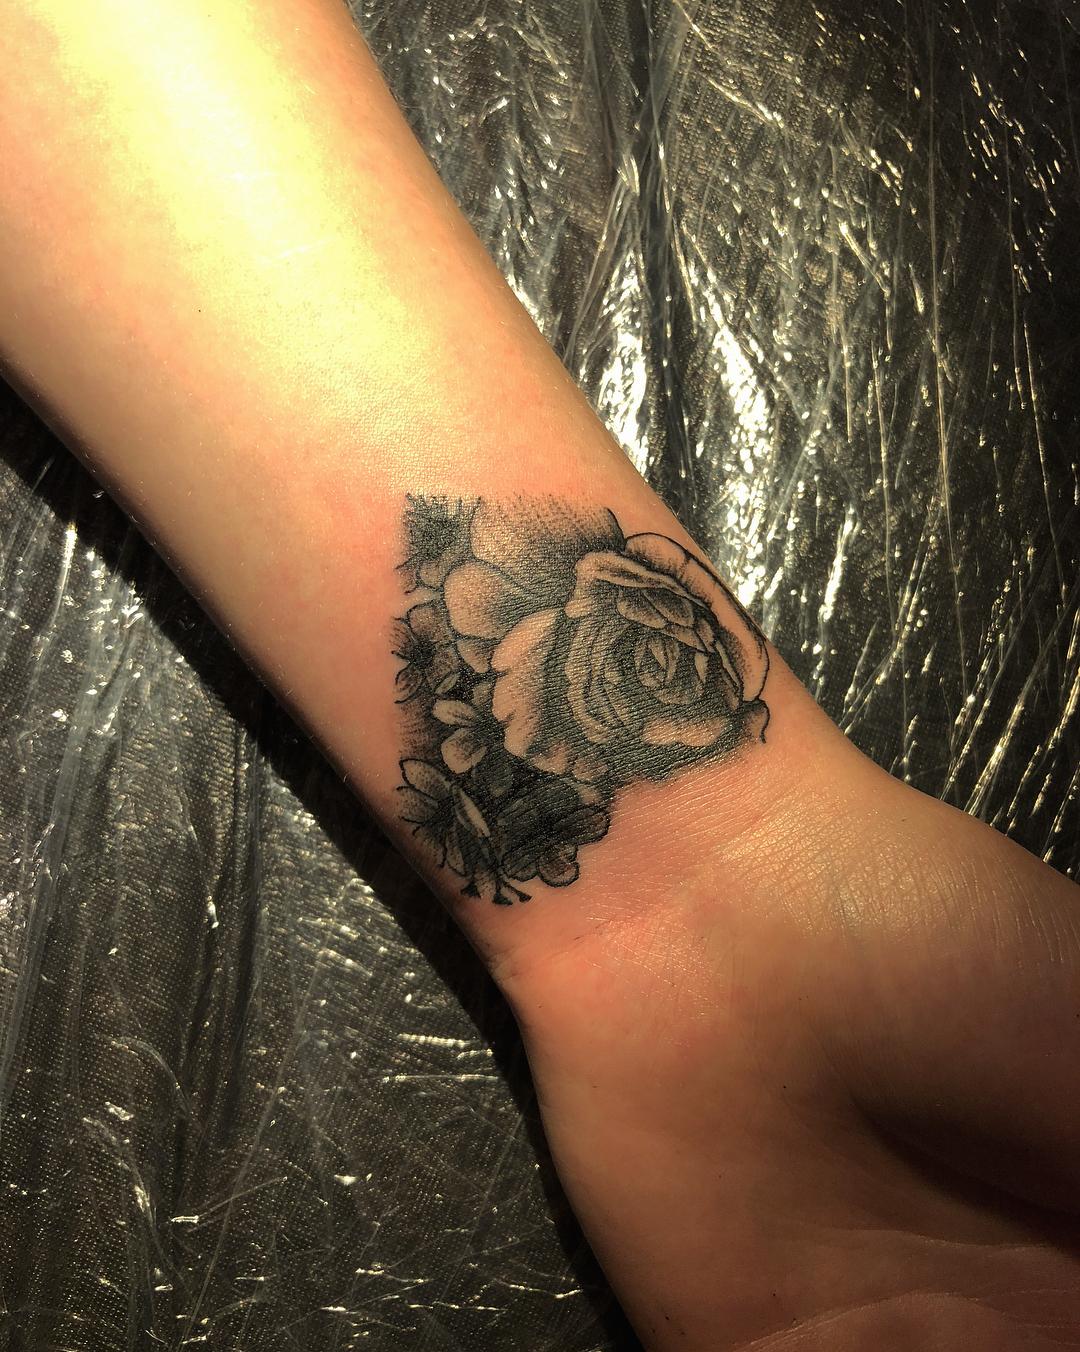 花环纹身图案                      做视频编辑的燕小姐手腕太阳花图片